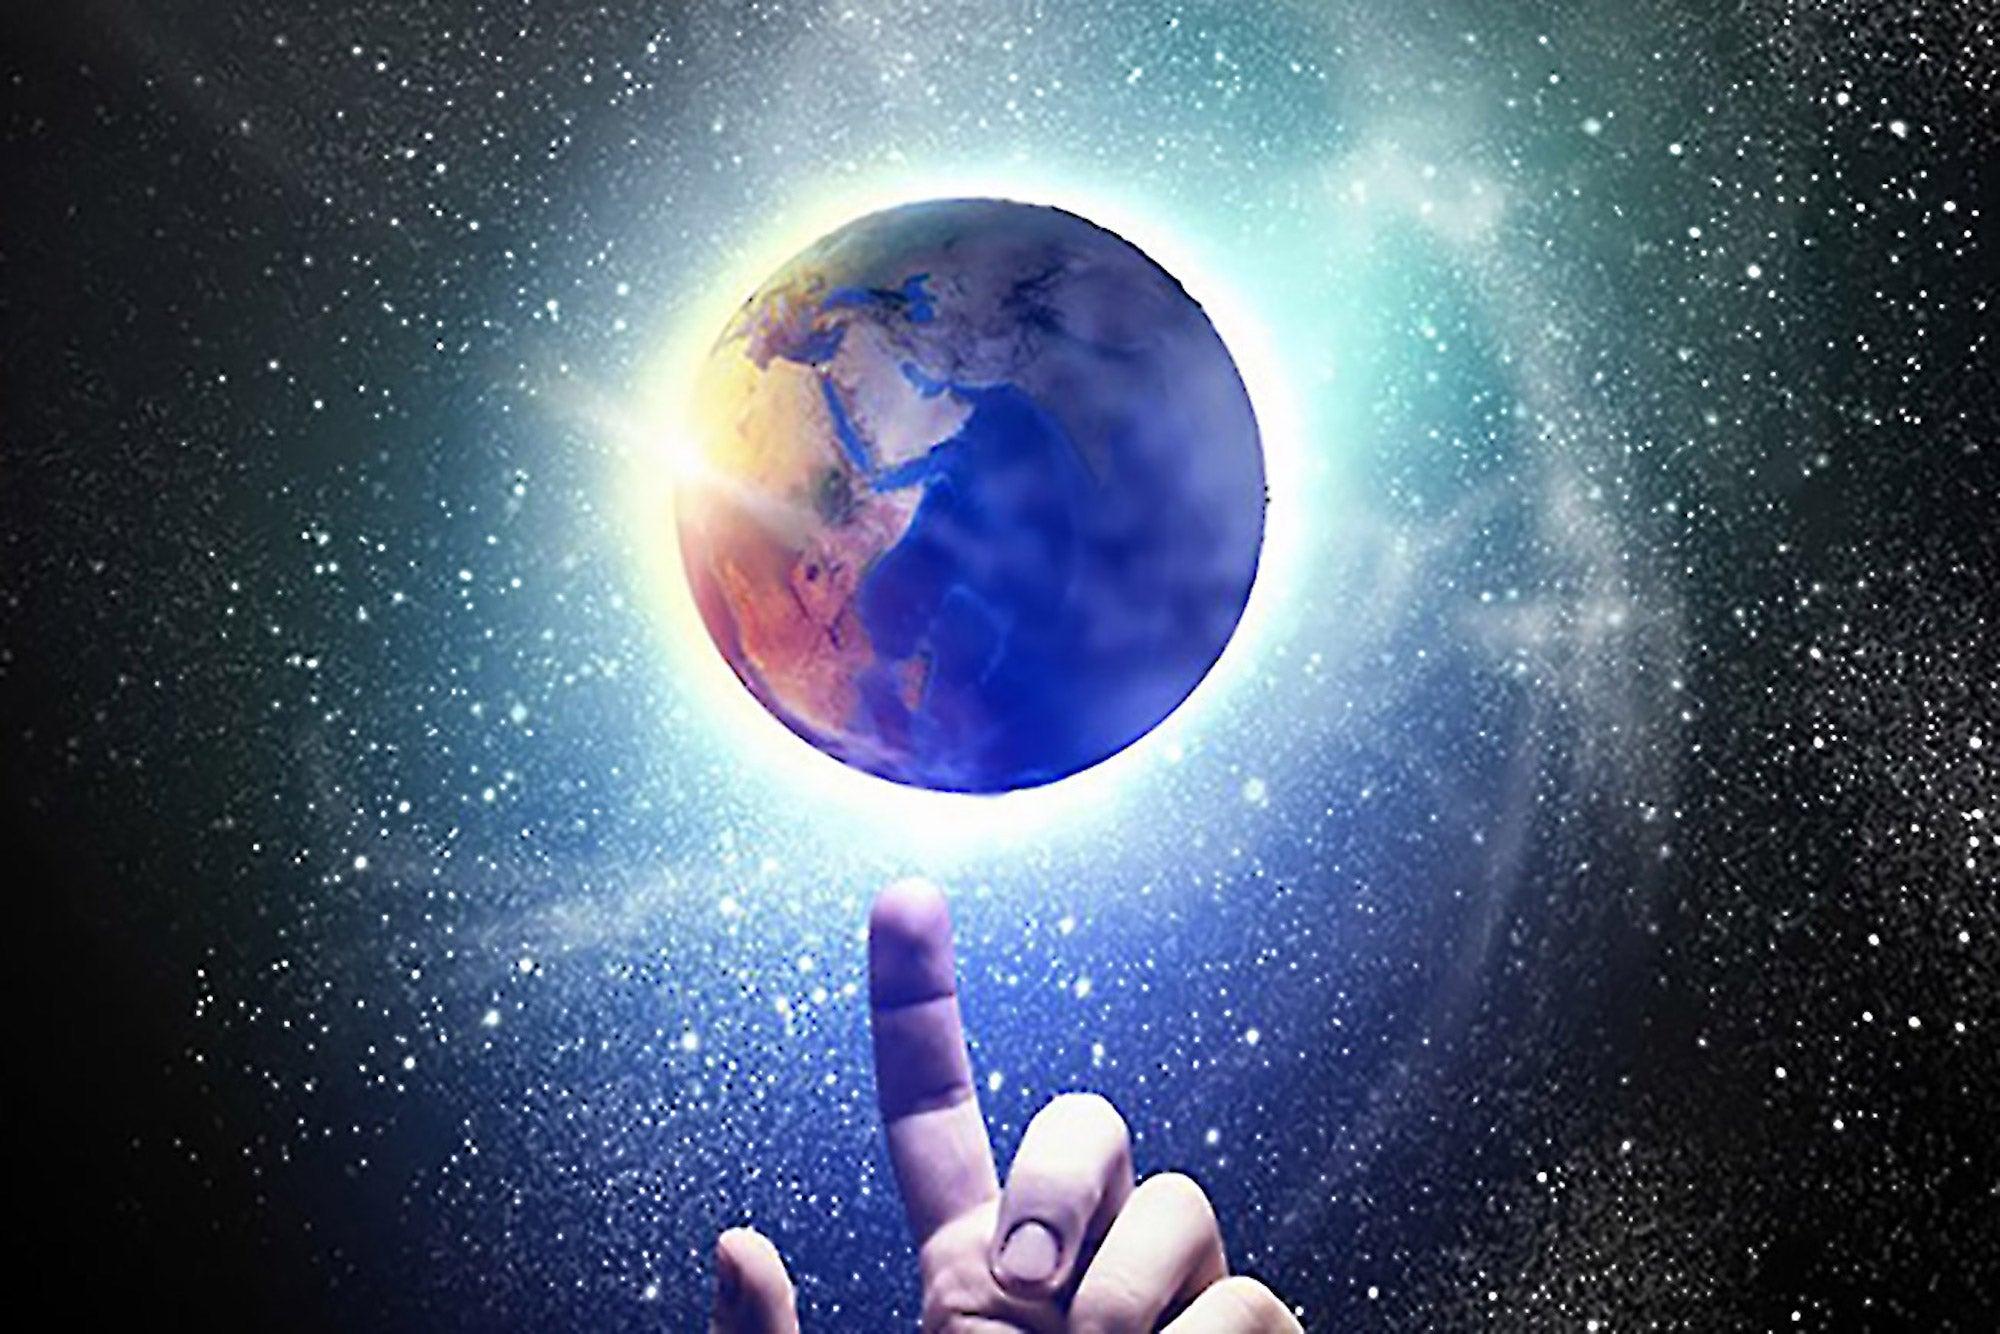 Celestial Reasonings (A Guidebook for Human Beings)